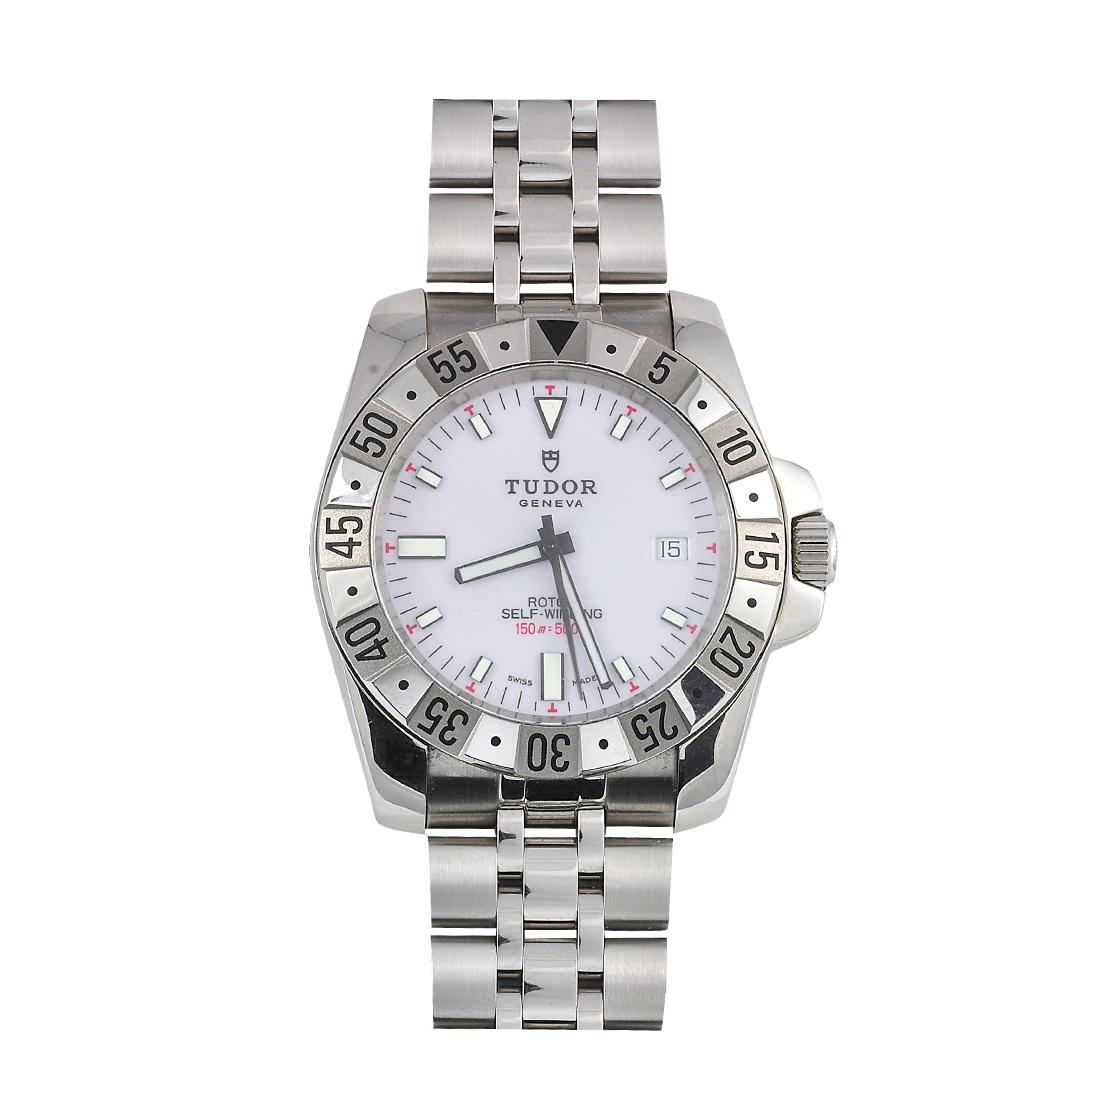 Tudor Waterproof Watch